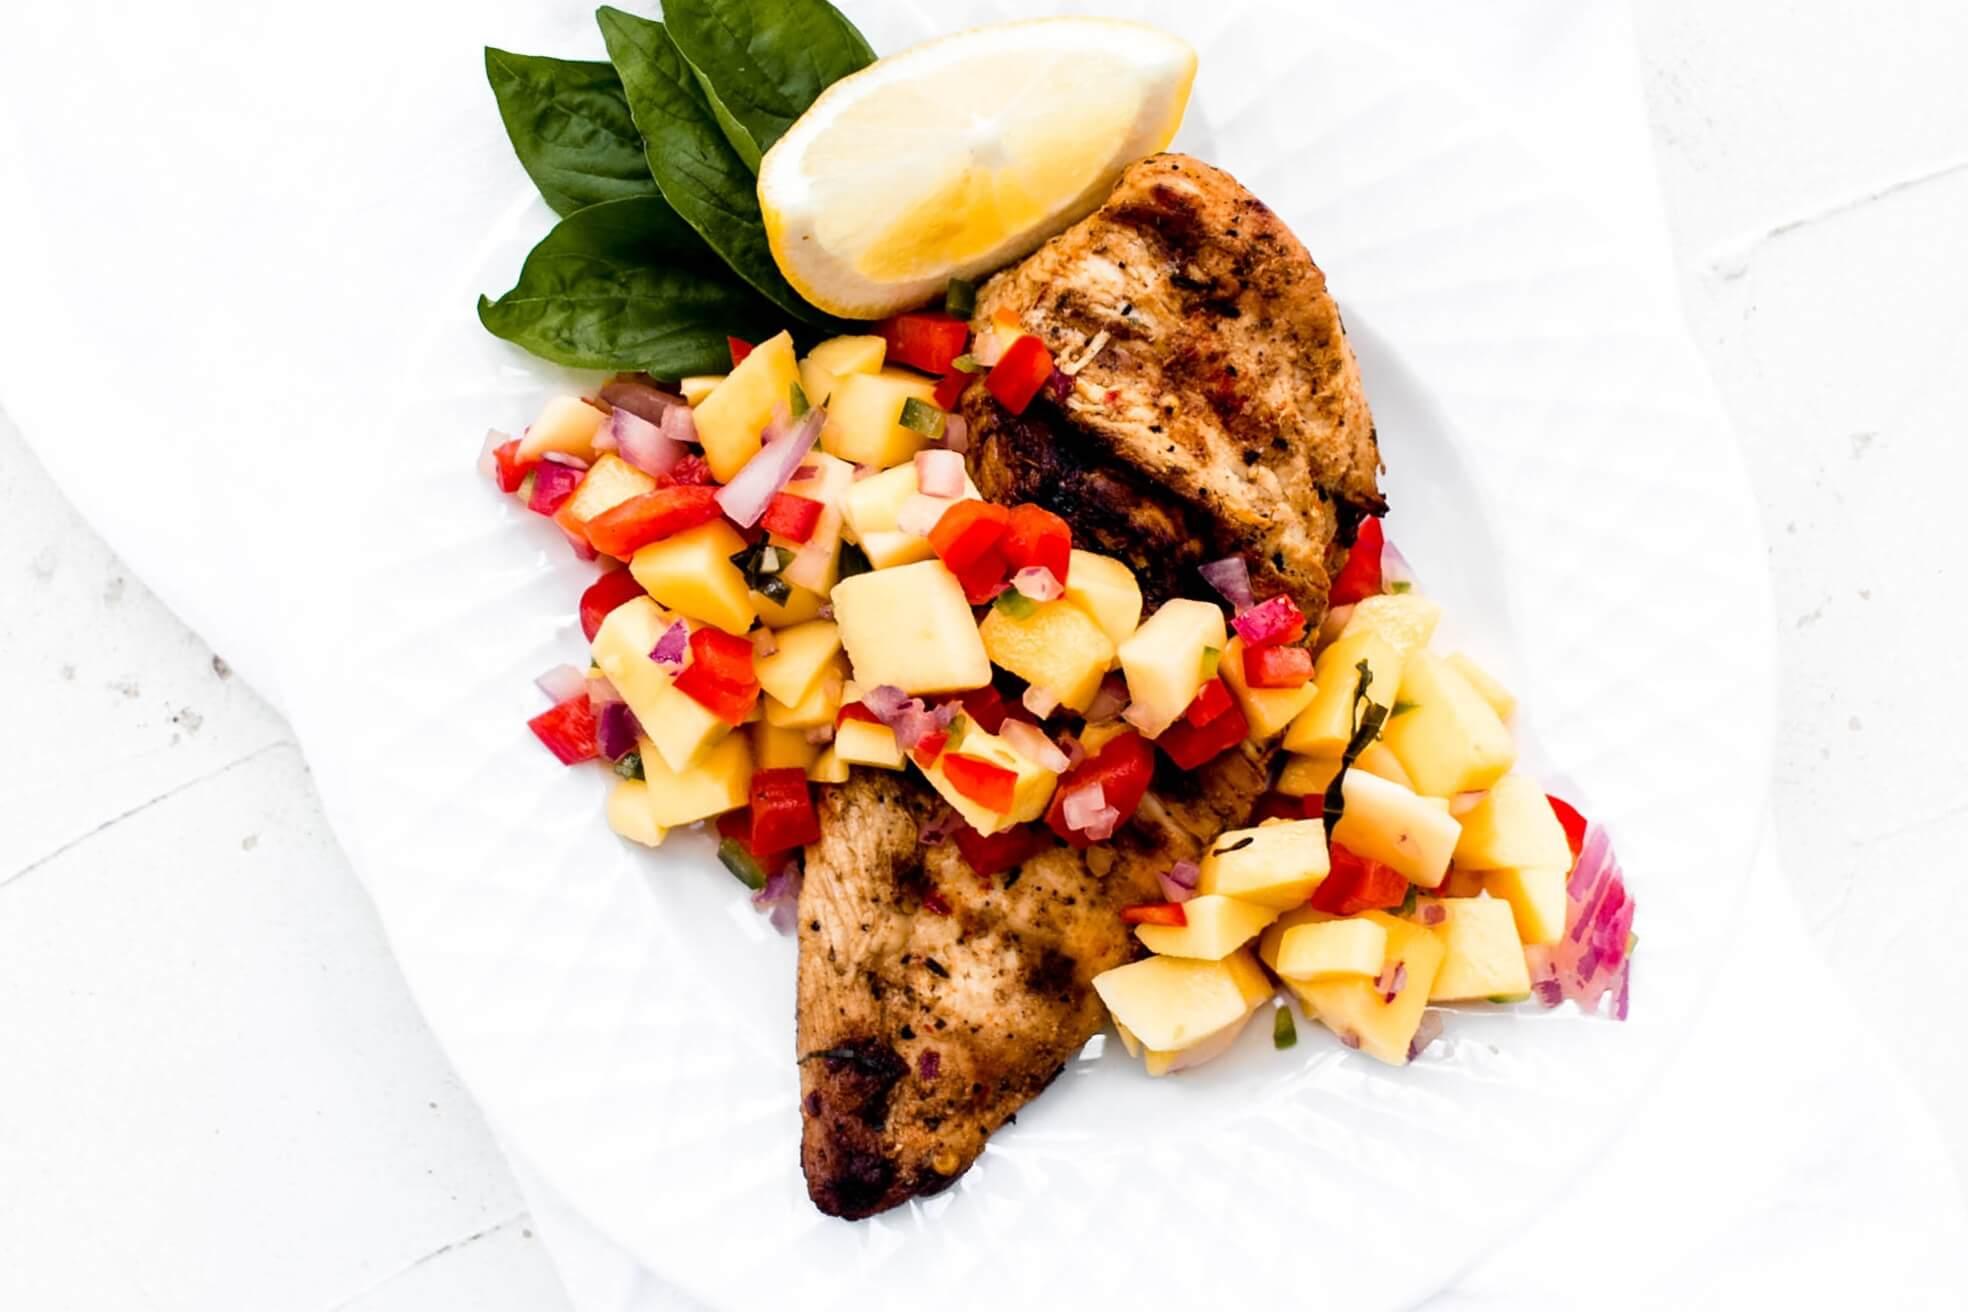 Spicy Grilled Chicken Mazola